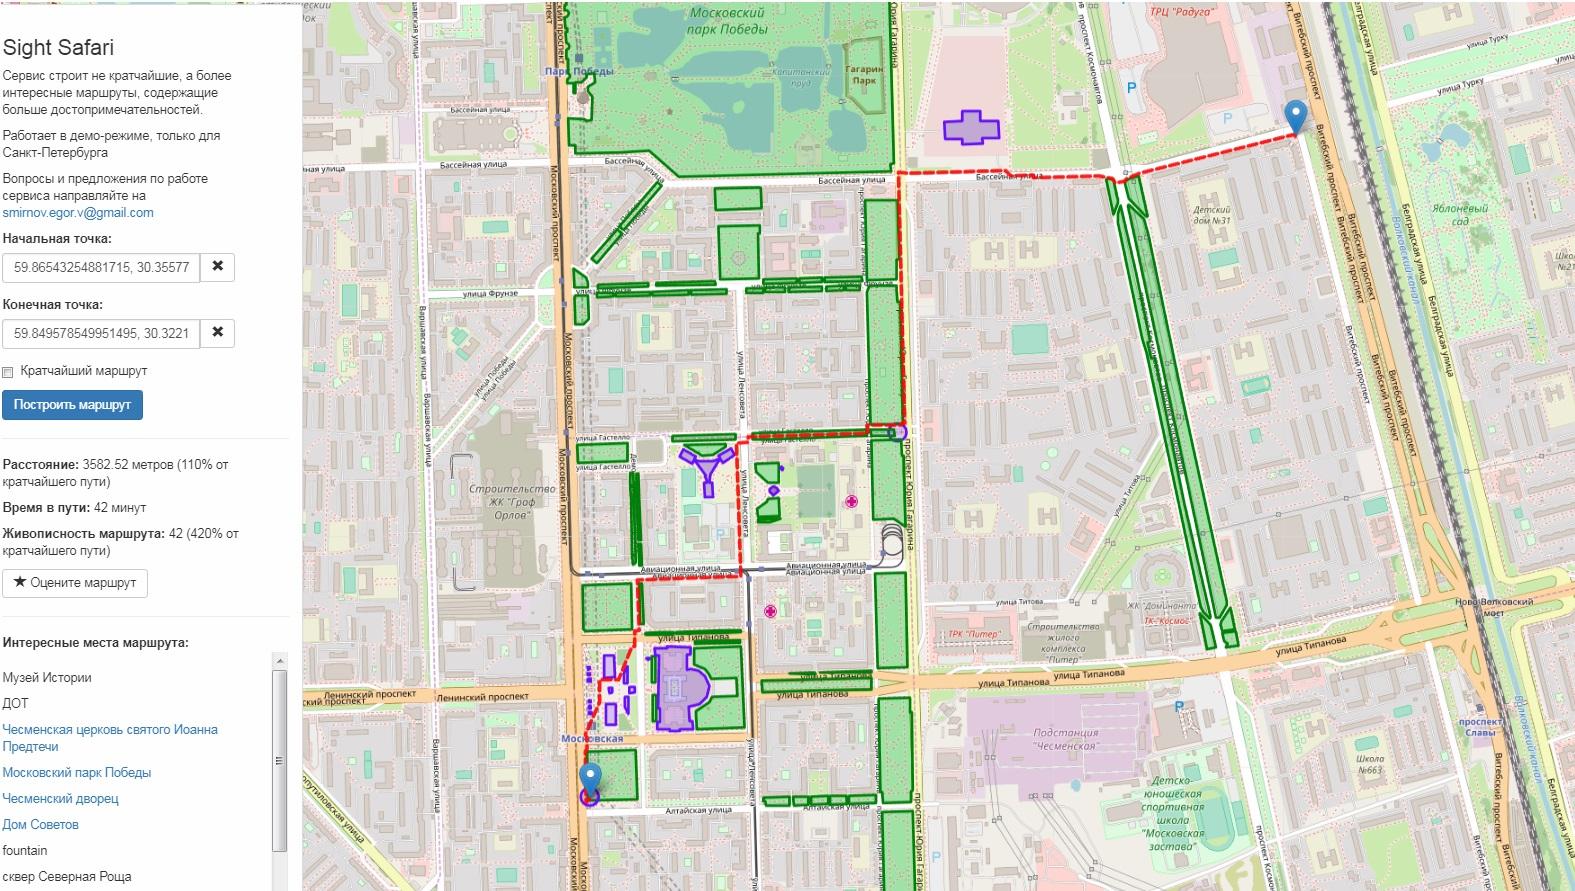 построить маршрут на автомобиле между городами с километражем банки спб кредит наличными